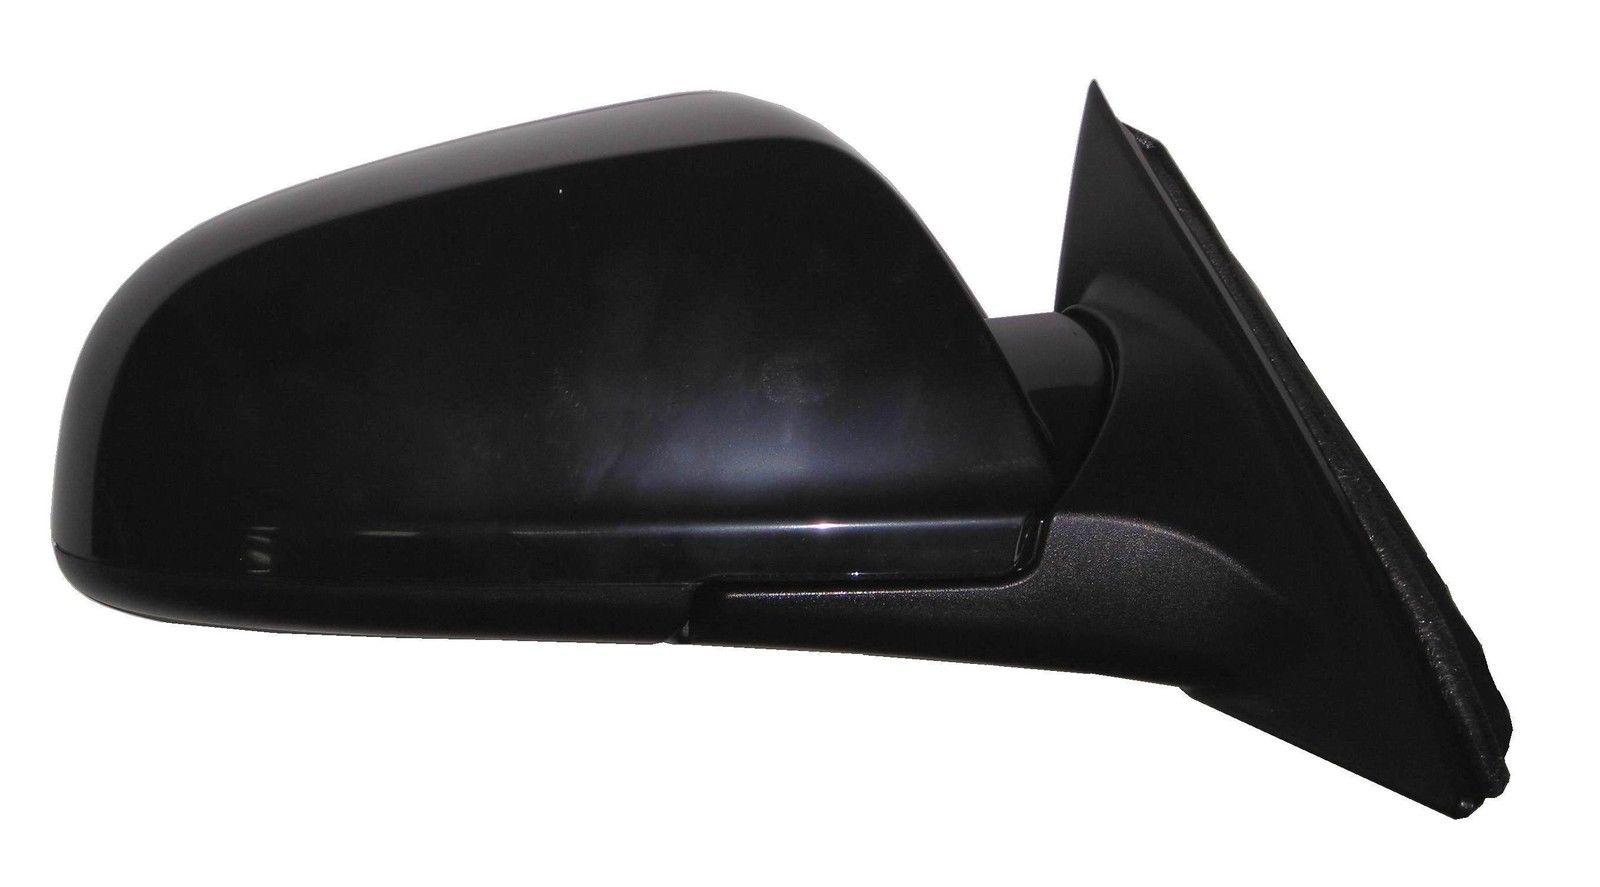 USミラー マリブやオーラにフィットする新しいパワー・パッセンジャー・サイド・ビュー・ミラーの右側 New Power Passenger Side View Mirror Right Side fits a Malibu or Aura